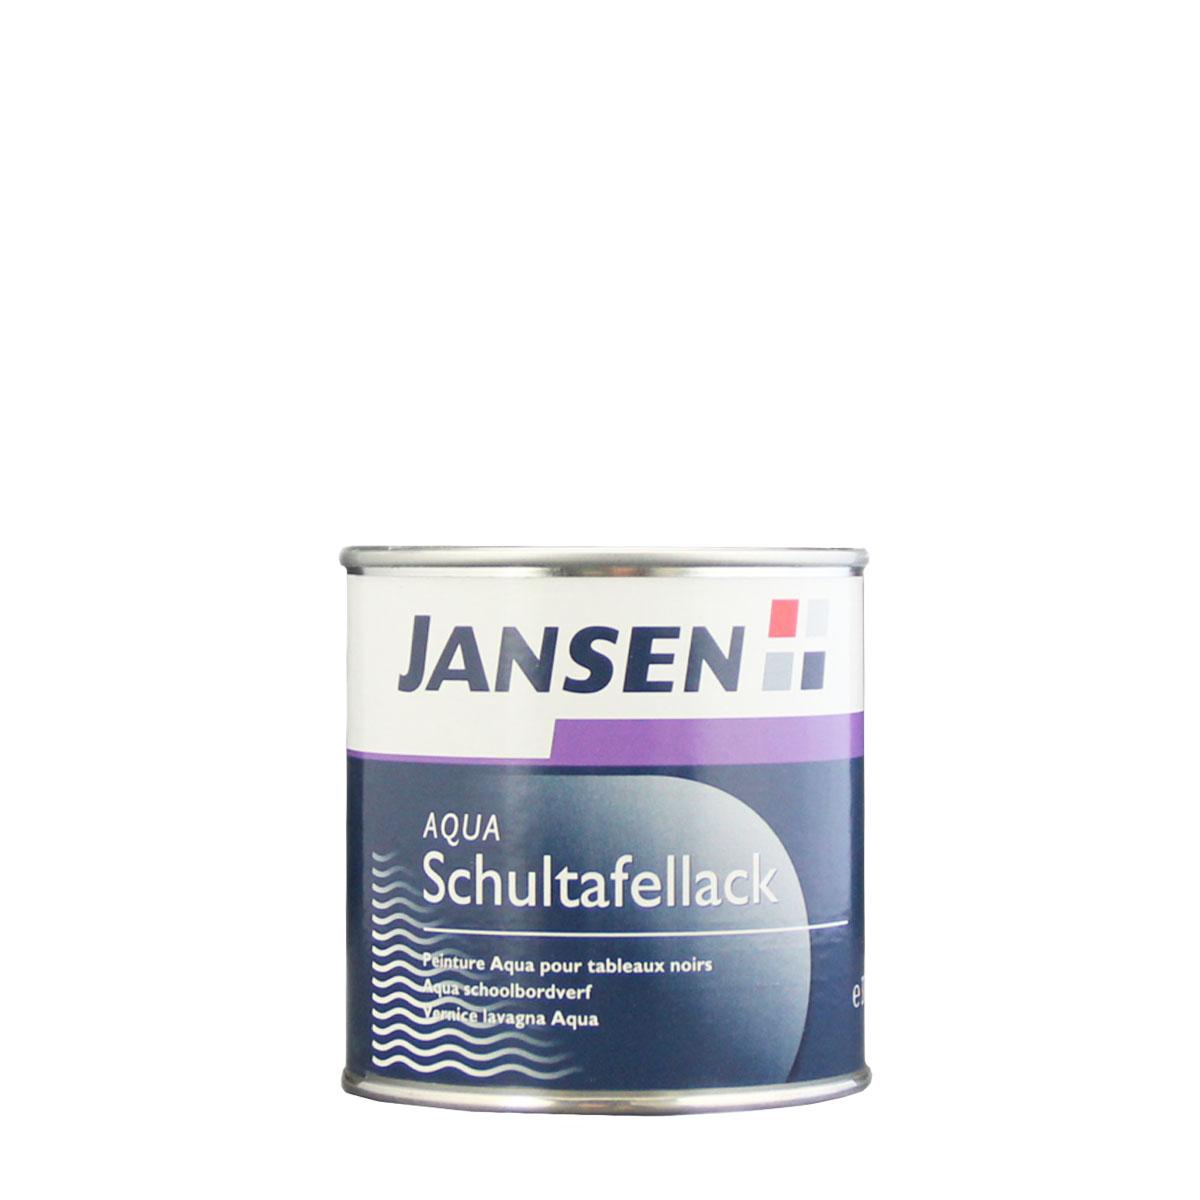 Jansen Aqua Schultafellack schwarz 750ml, Tafelfarbe, Tafellack